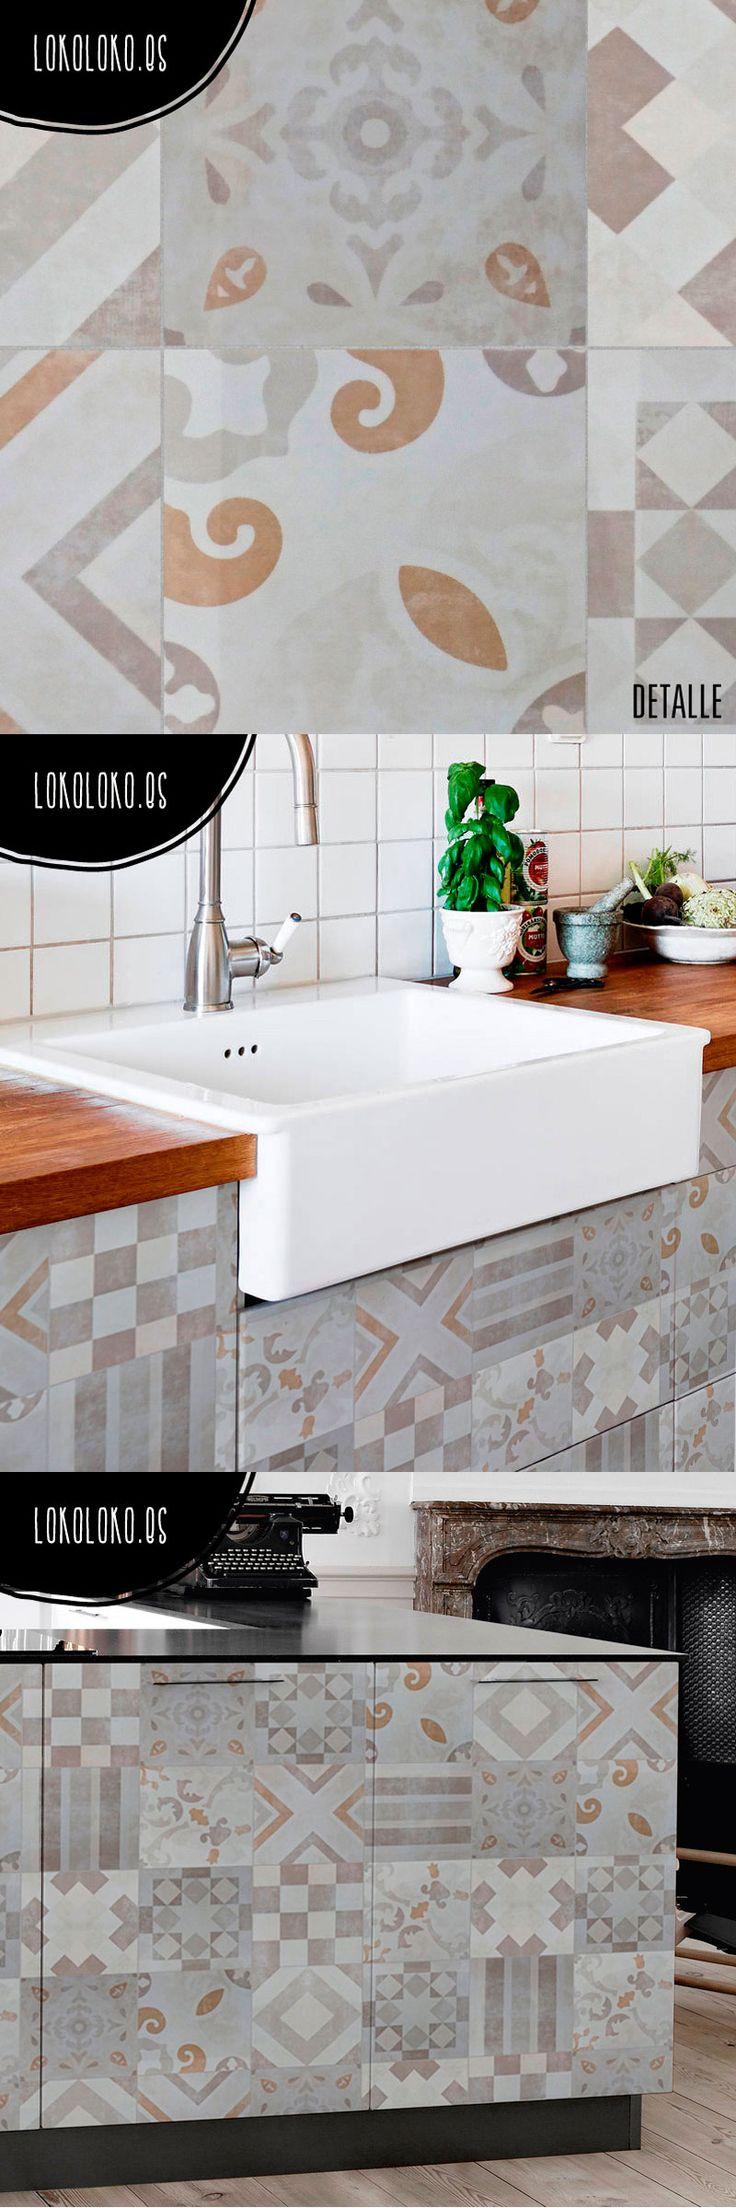 Las 25 mejores ideas sobre papel tapiz en relieve en for Forrar azulejos cocina